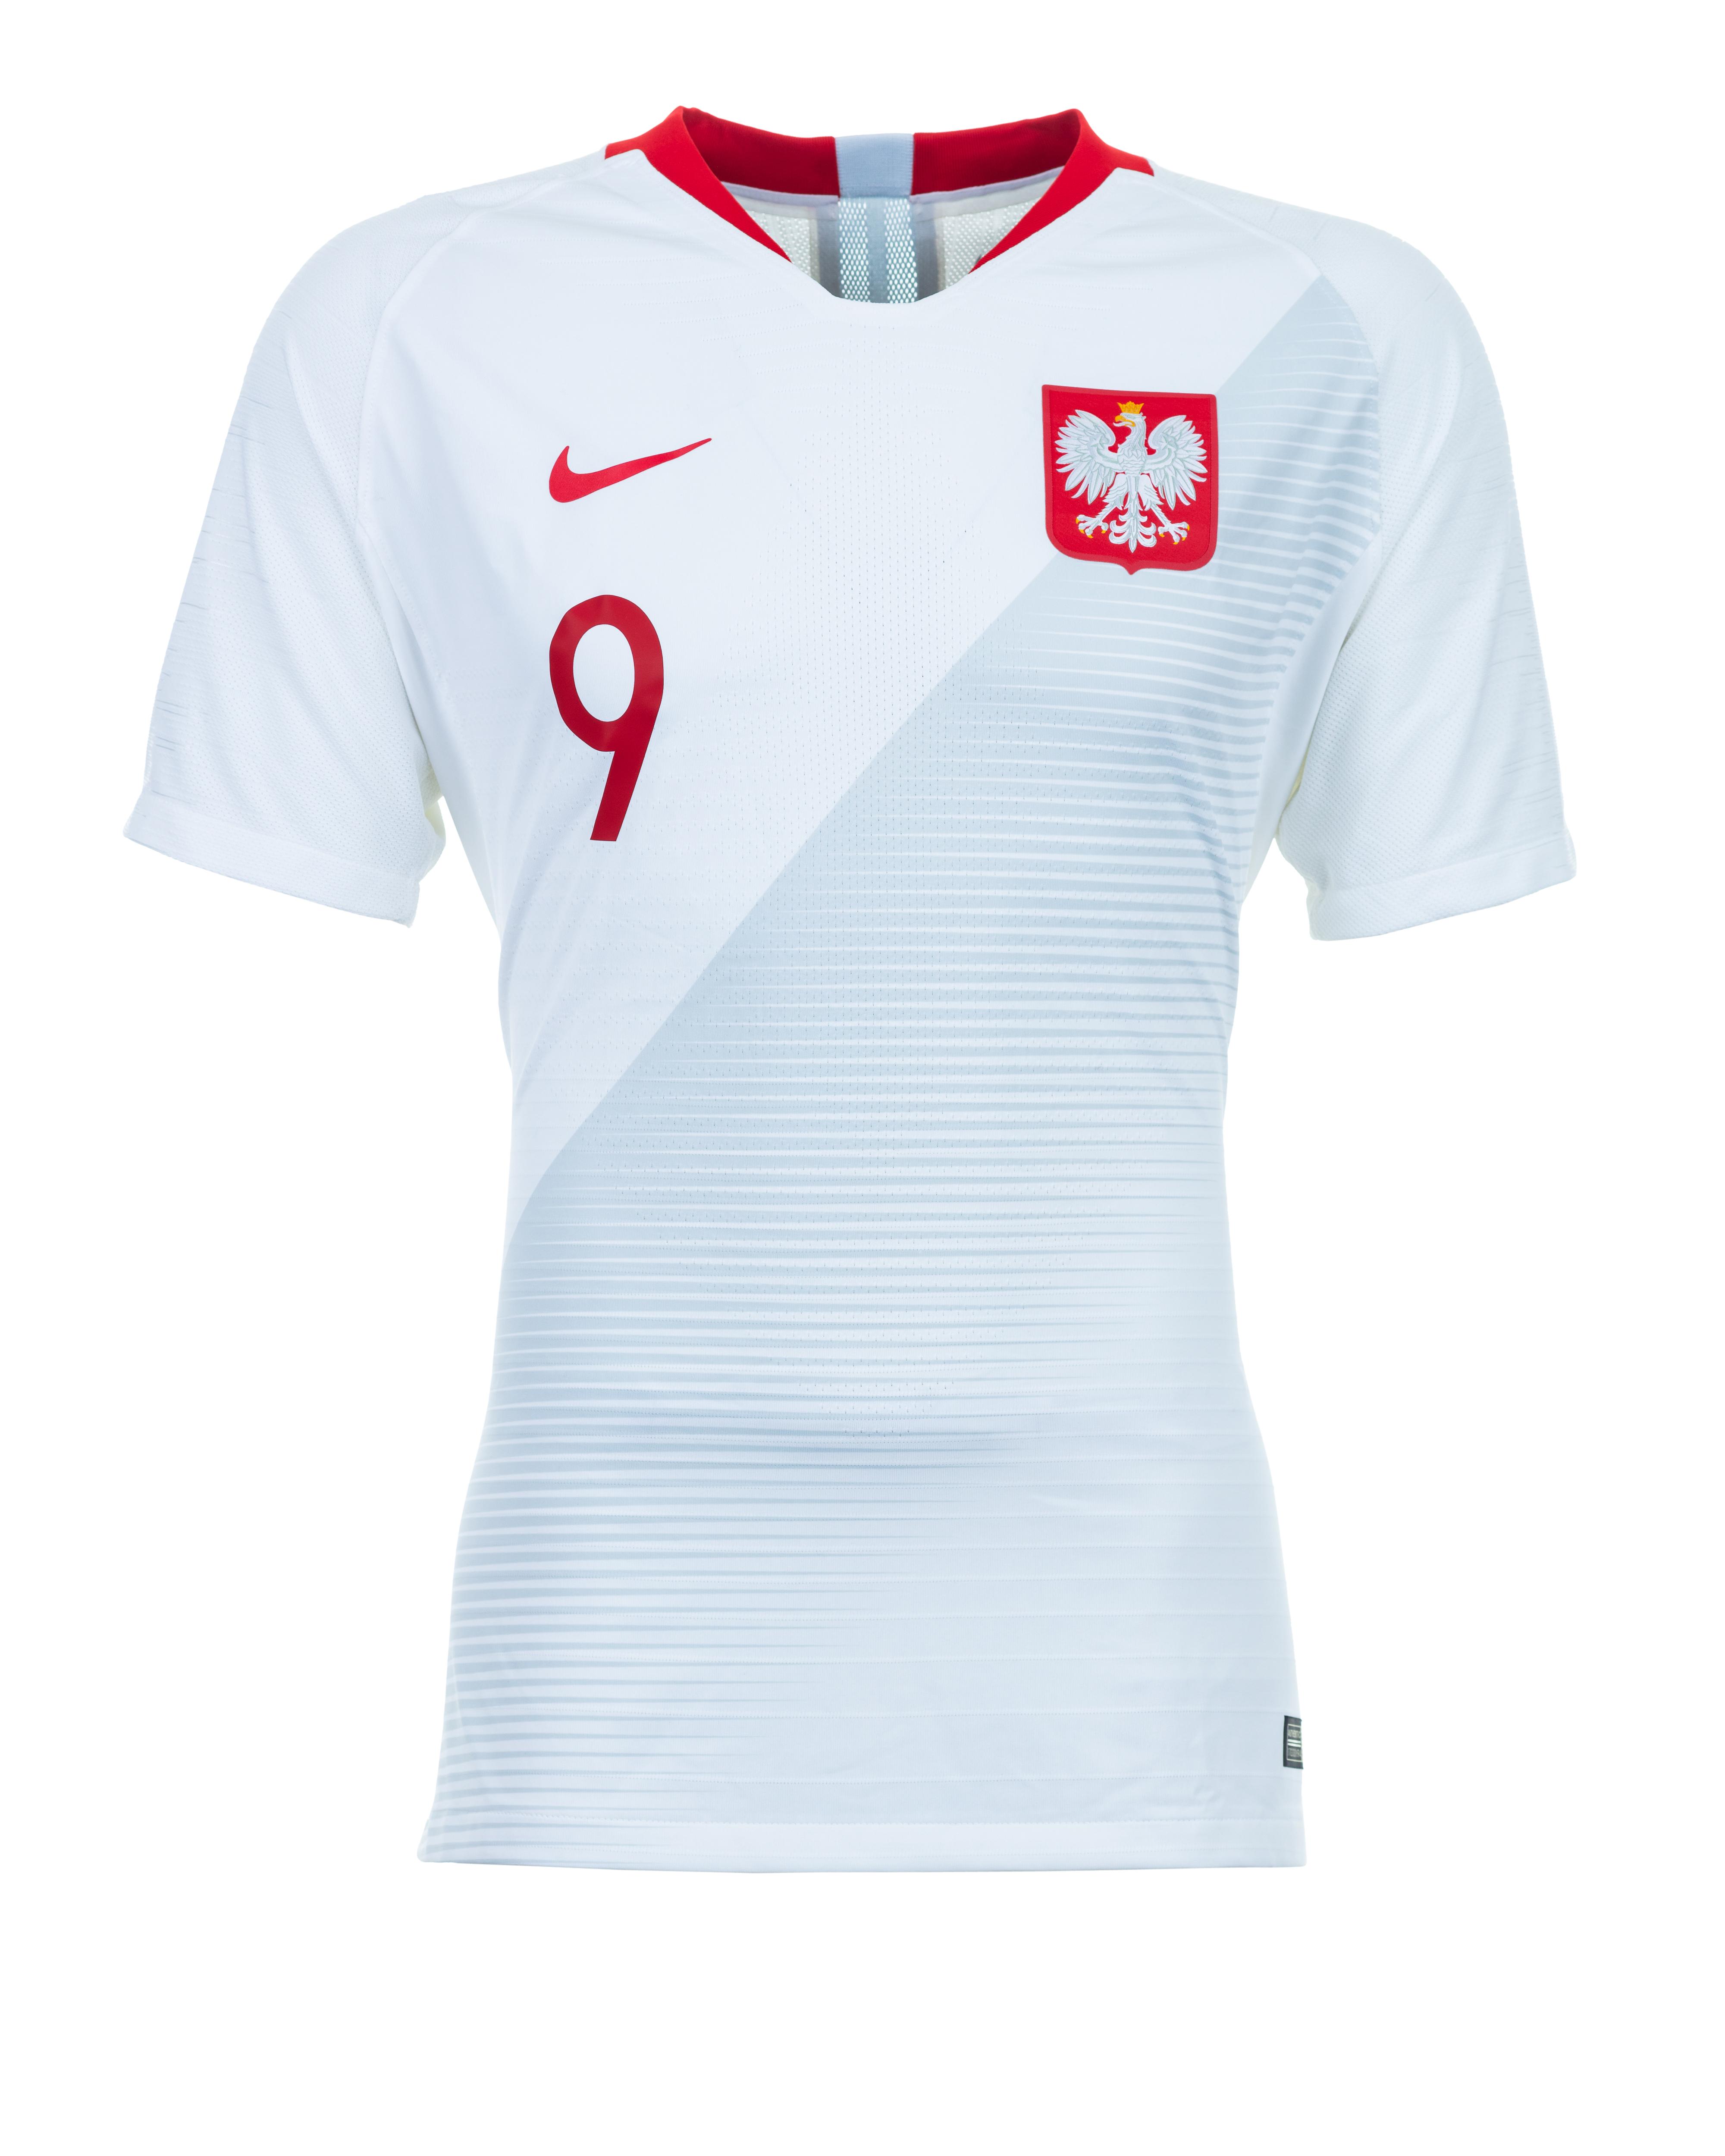 Veja as camisas titulares das 32 seleções da Copa do Mundo 2018 ... 2acaa6498bb18